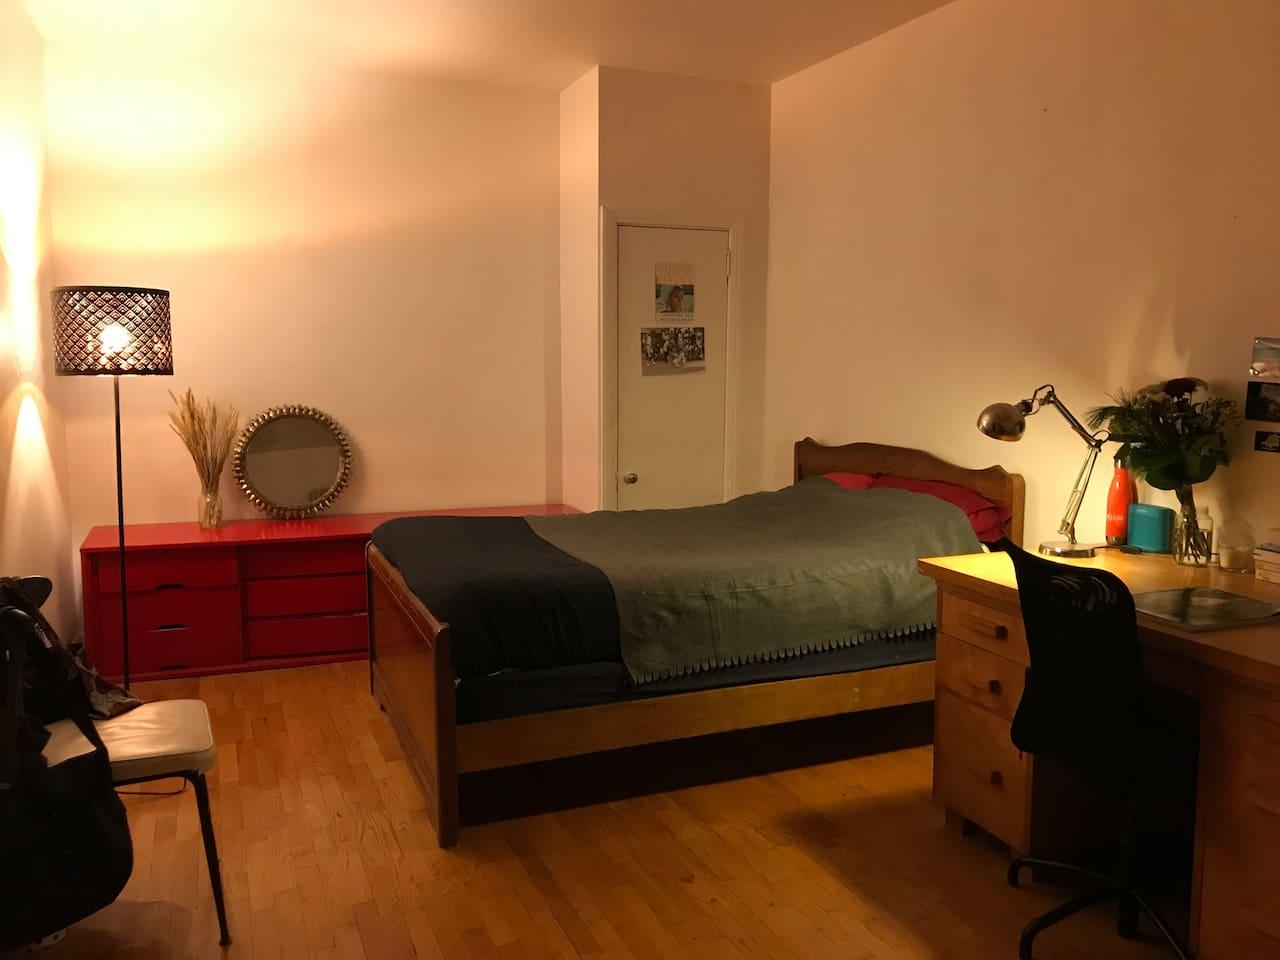 Chambre spacieuse, possibilité d'ajouter un matelas